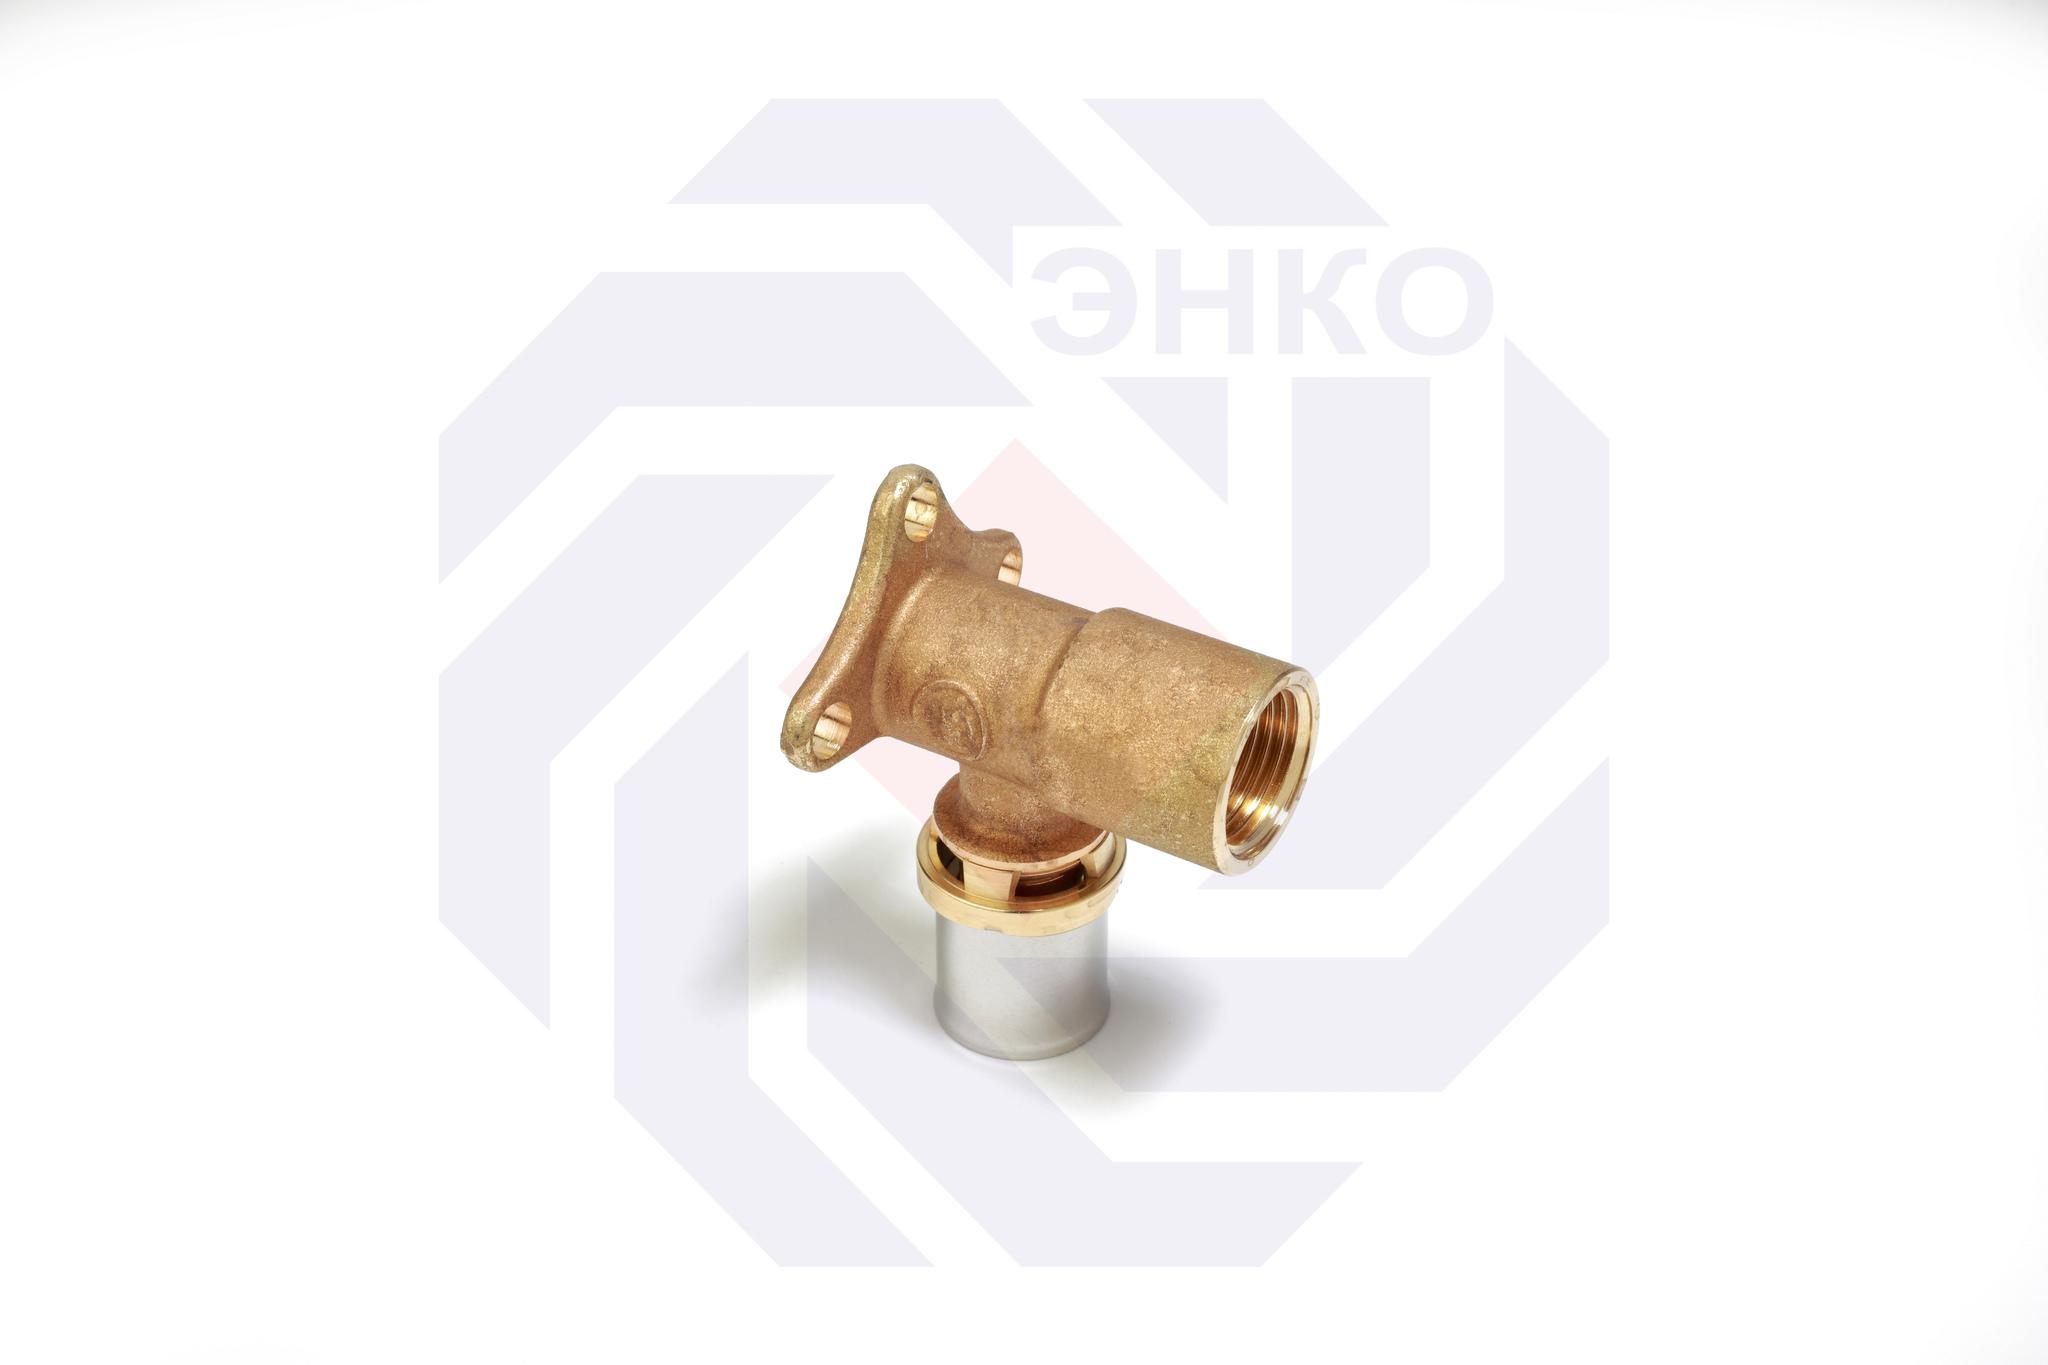 Пресс-фитинг отвод 90° ВР и креплением GIACOMINI RM 16⨯½